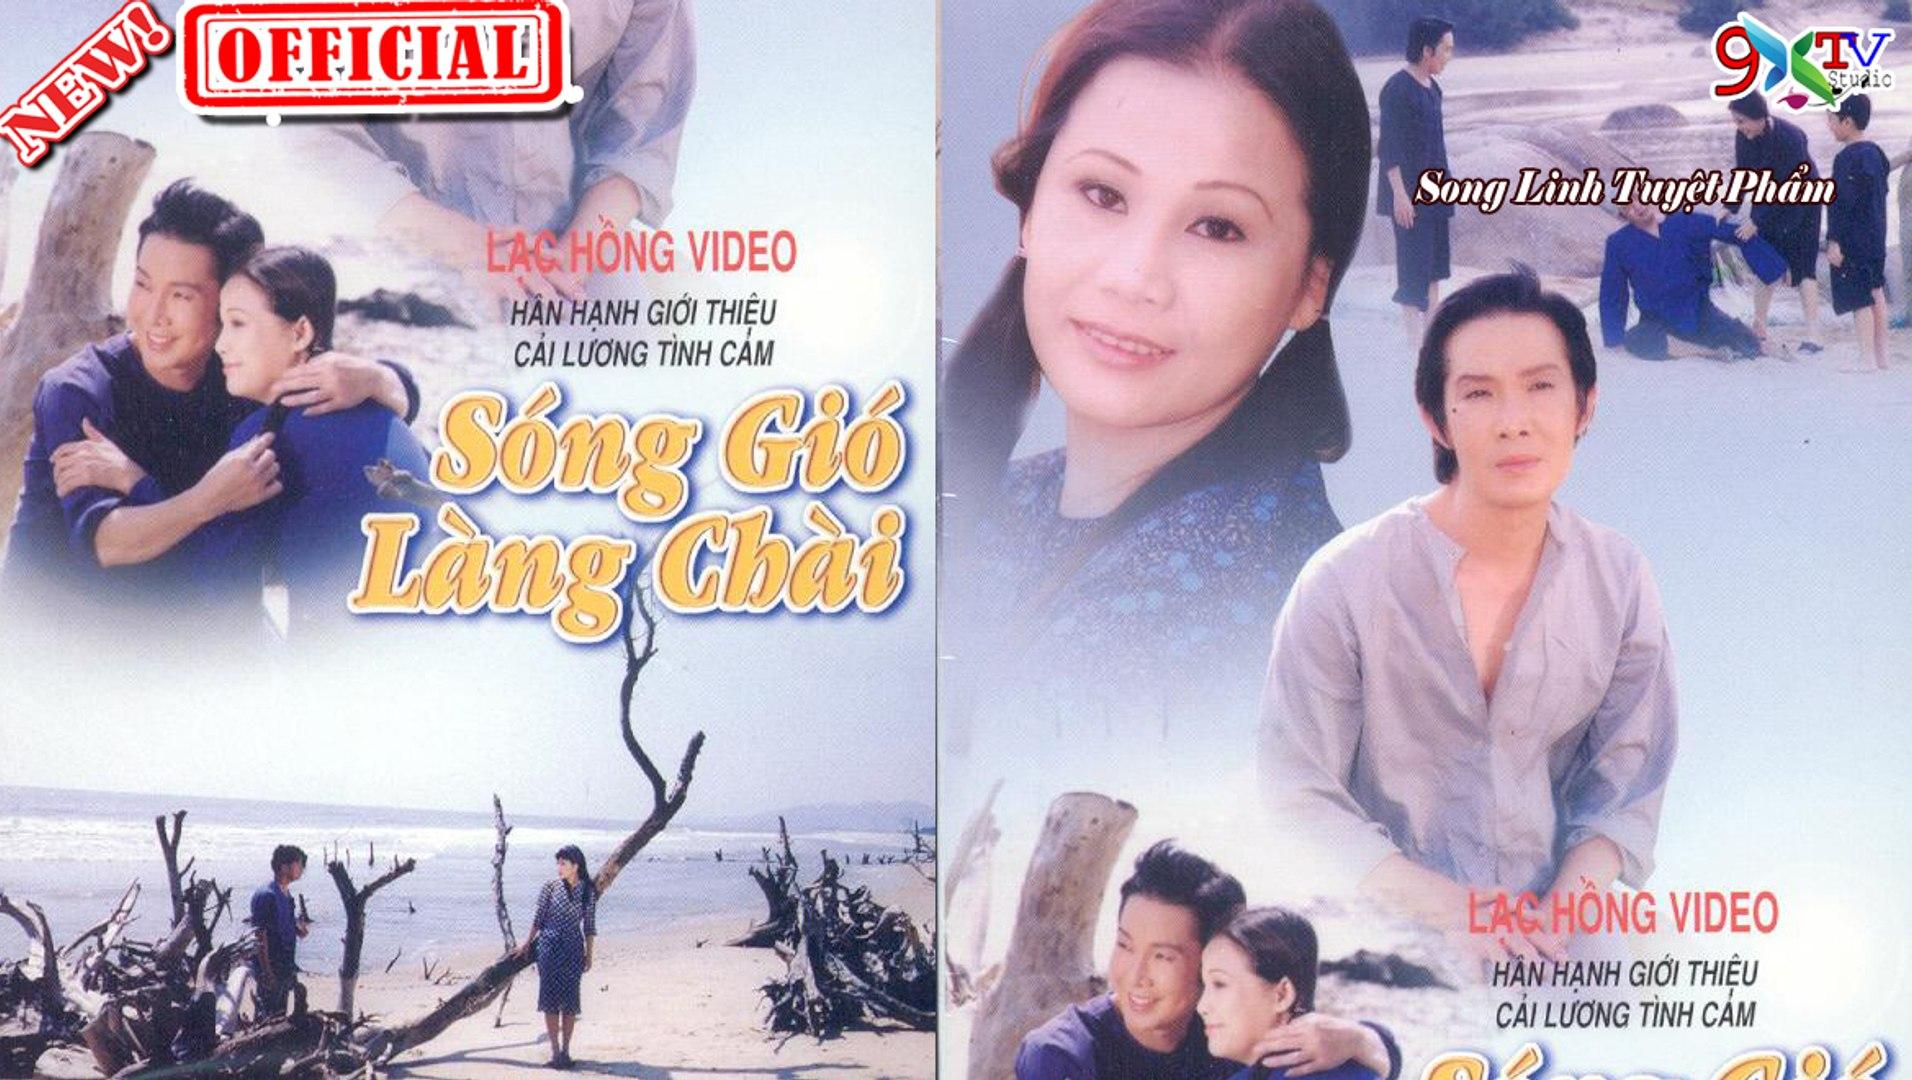 Cải lương || Sóng gió làng chài - Vũ Linh, Tài Linh - Cải Lương Song Linh Hay Nhất